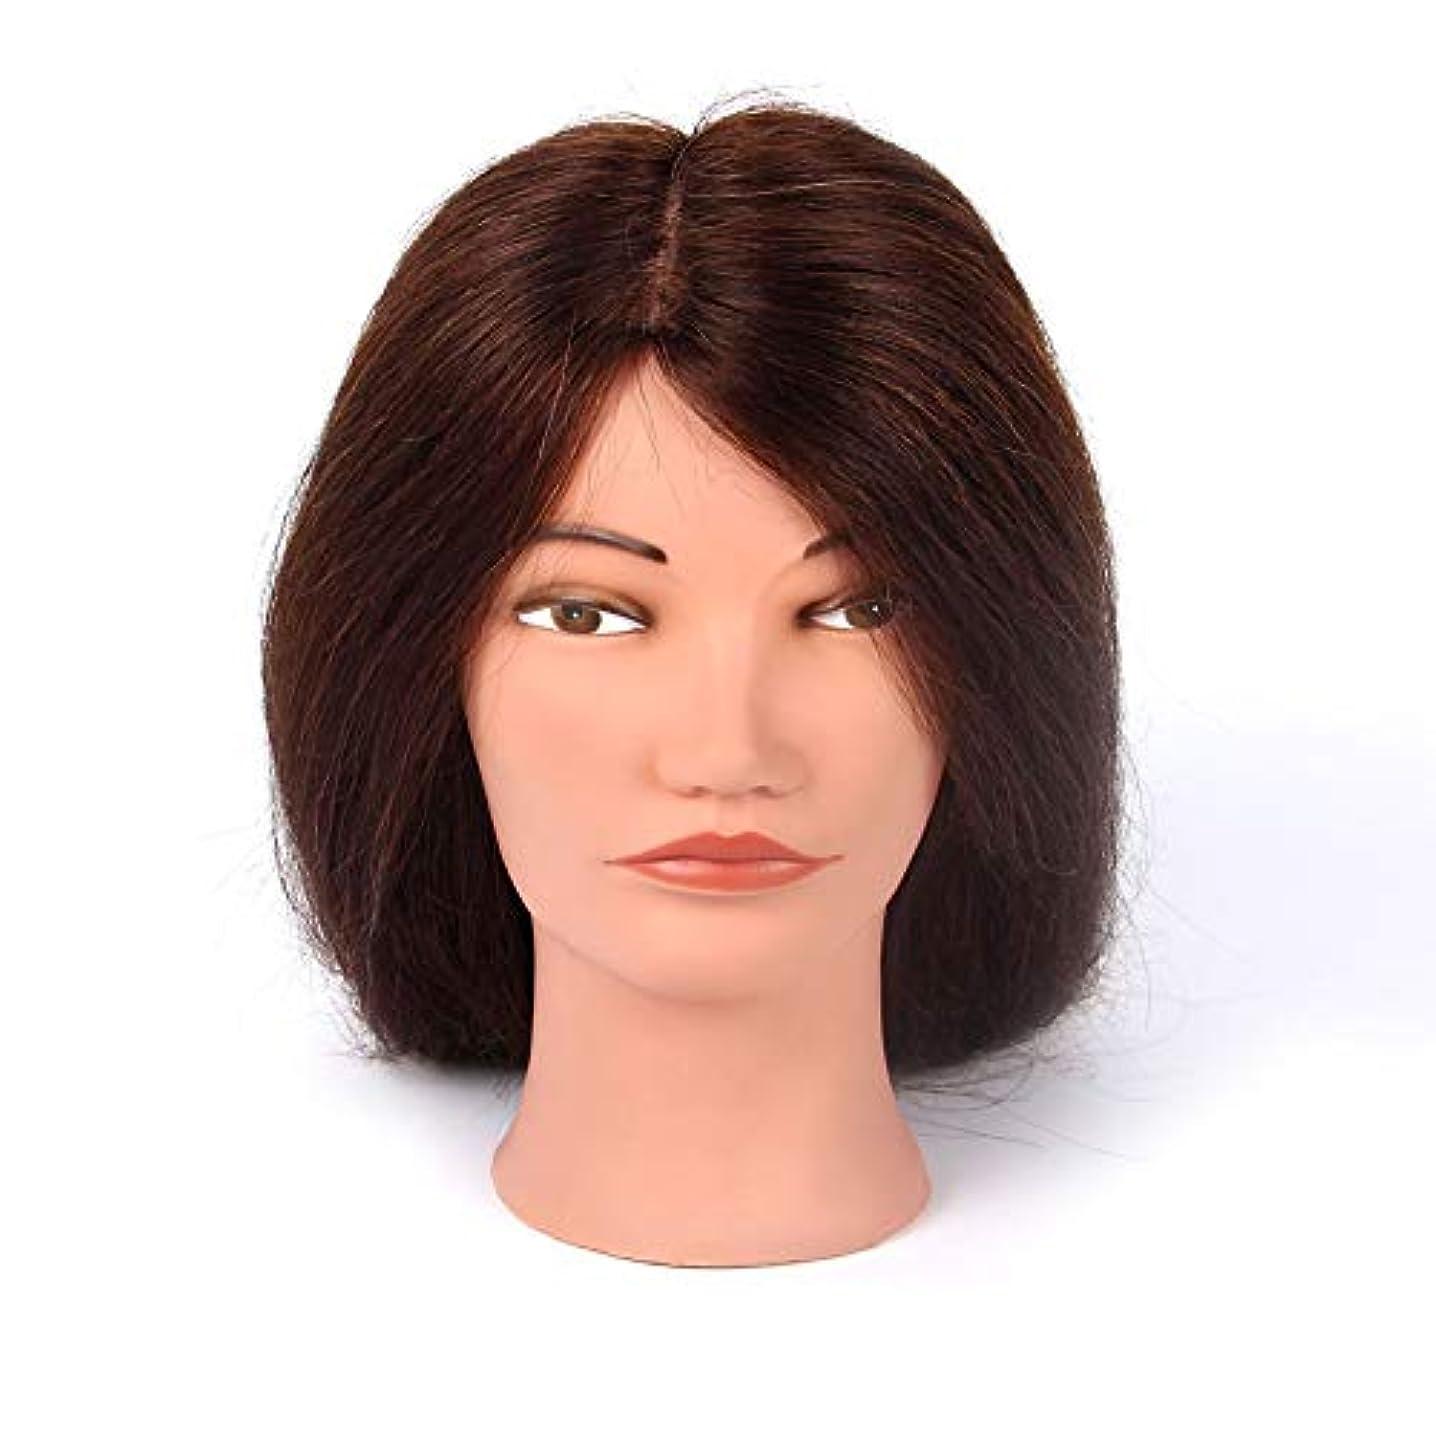 許容アルコーブディプロマ理髪練習ヘッド吹くホットロールダミーヘッドパーマ髪の染め指導ヘッドメイクアップヘアスタイリングモデルヘッド